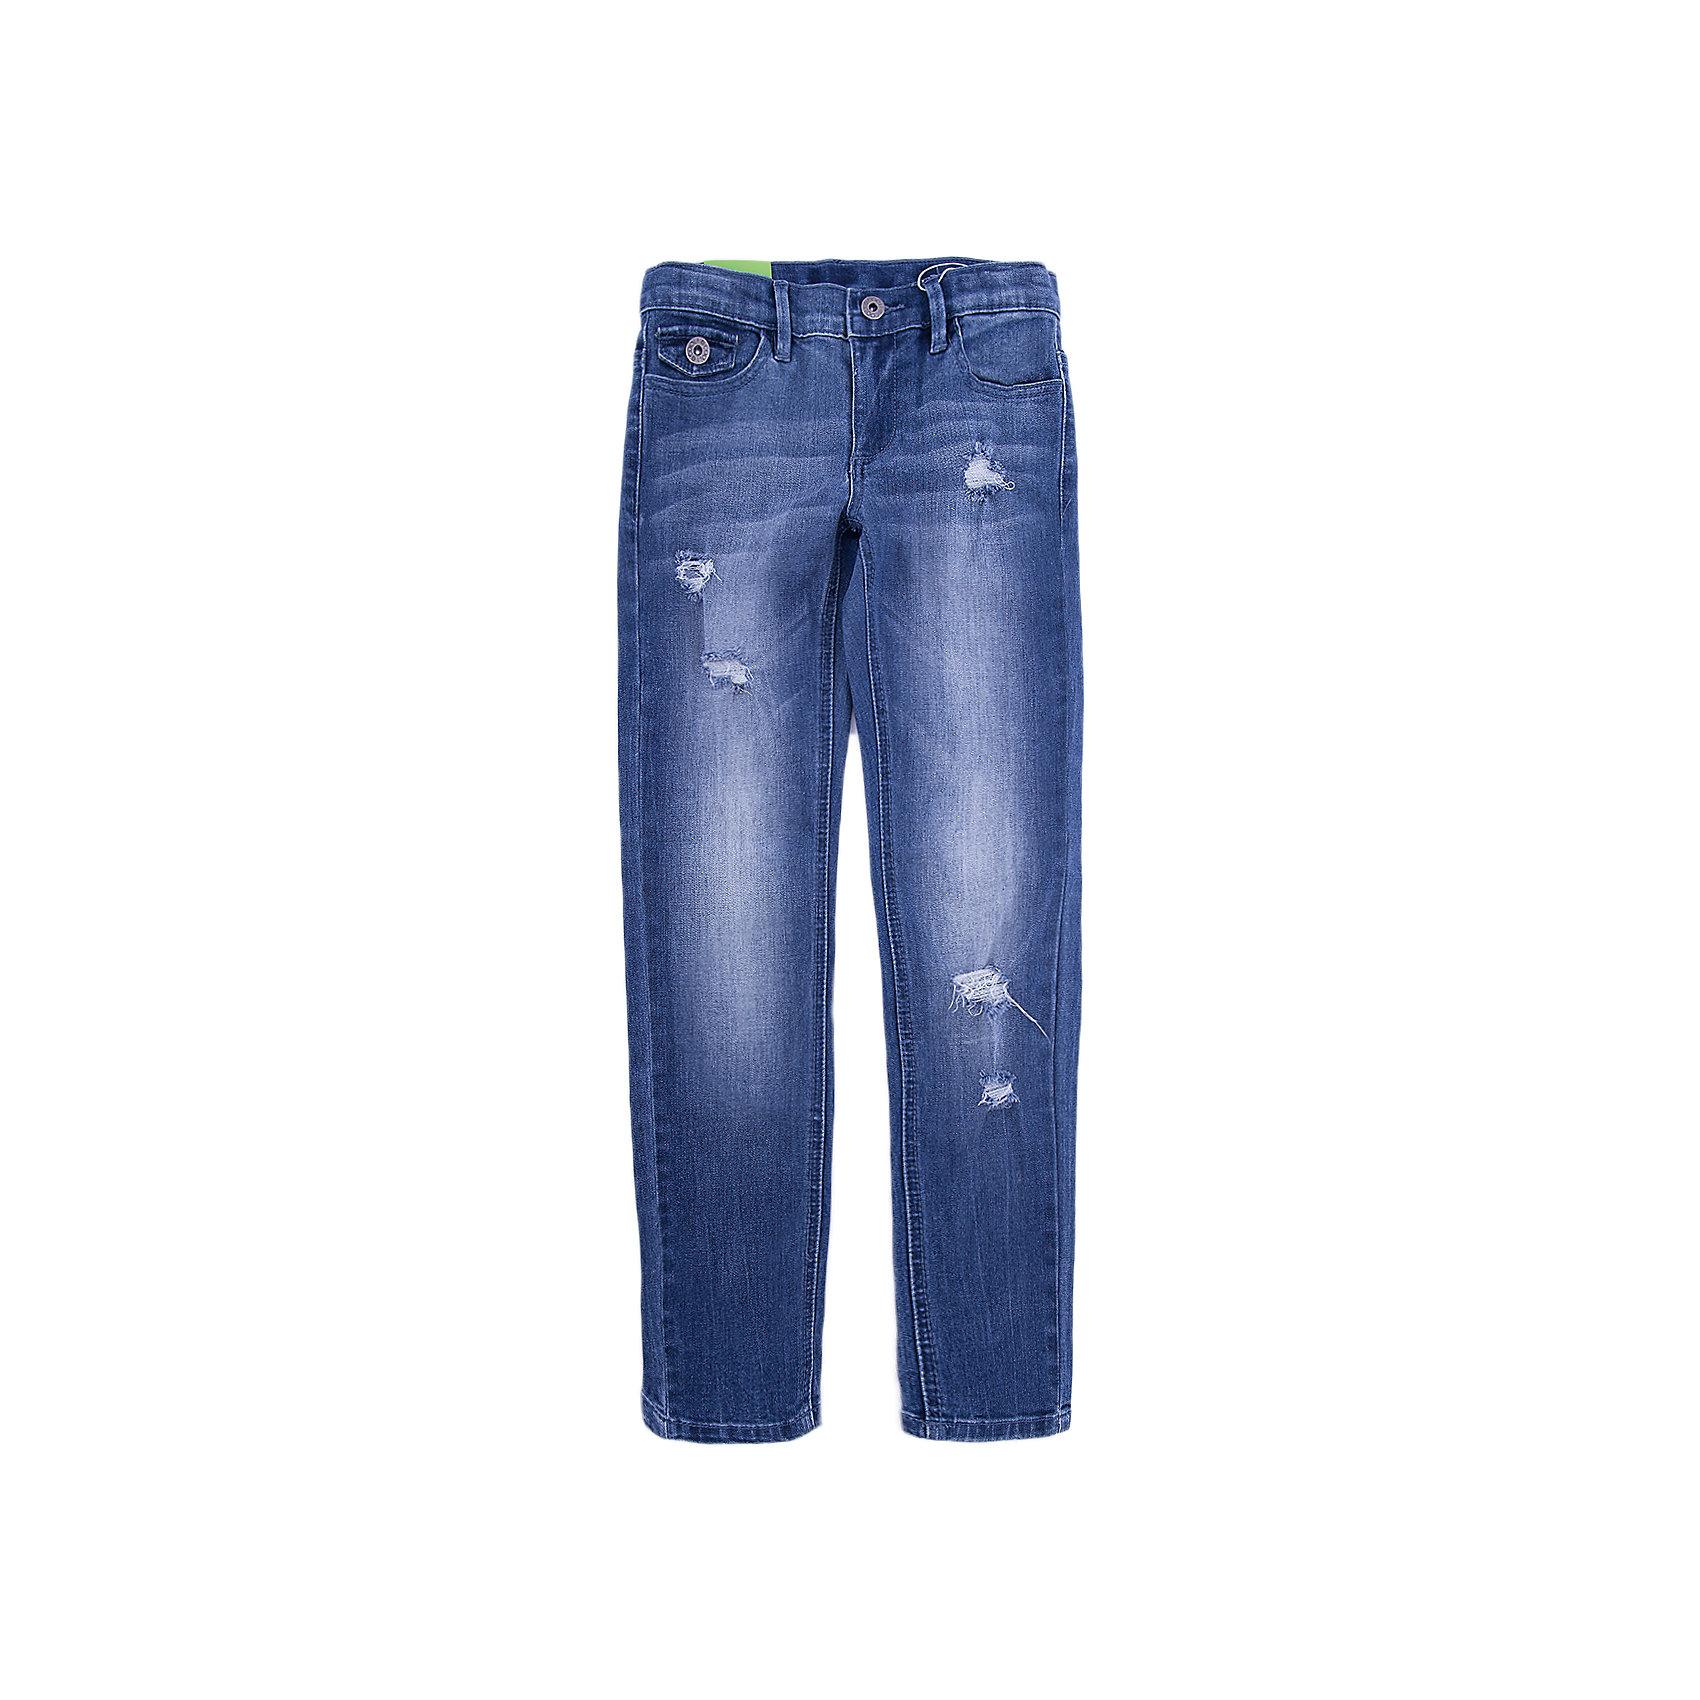 Джинсы Scool для девочкиДжинсы<br>Джинсы Scool для девочки<br>Брюки джинсы из смесовой ткани с высоким содержанием хлопка. Классическая модель со шлевками. При необходимости можно использовать ремень. В качестве декора использованы потертости.<br>Состав:<br>70% хлопок, 20% полиэстер, 8% вискоза, 2% эластан<br><br>Ширина мм: 215<br>Глубина мм: 88<br>Высота мм: 191<br>Вес г: 336<br>Цвет: синий<br>Возраст от месяцев: 156<br>Возраст до месяцев: 168<br>Пол: Женский<br>Возраст: Детский<br>Размер: 164,134,140,146,152,158<br>SKU: 7105317